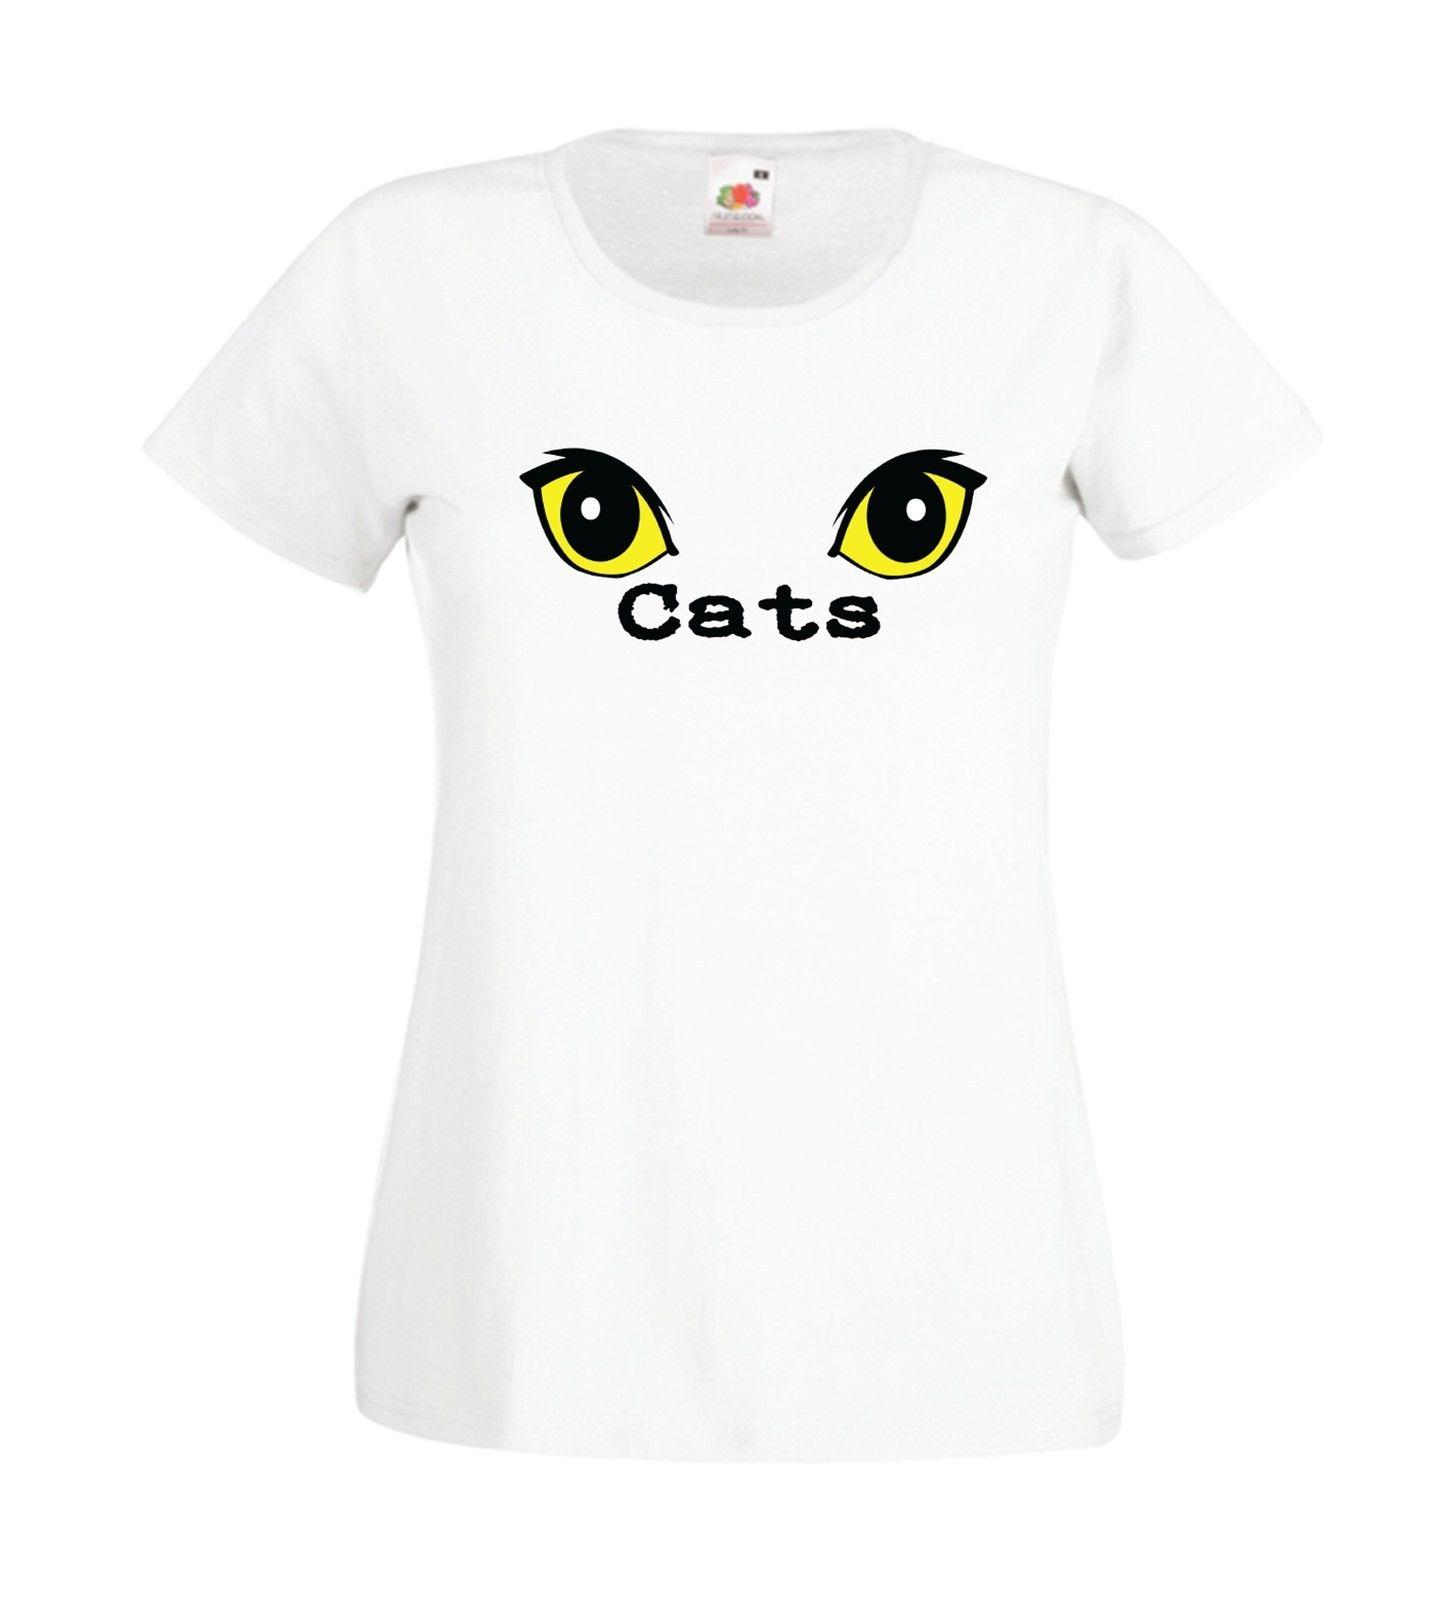 CATS YEUX PET drôle idée de cadeau d'anniversaire de tee chaton de femmes des hommes T-SHIRT TOP Bande dessinée hommes de T-shirt unisexe New tshirt Mode